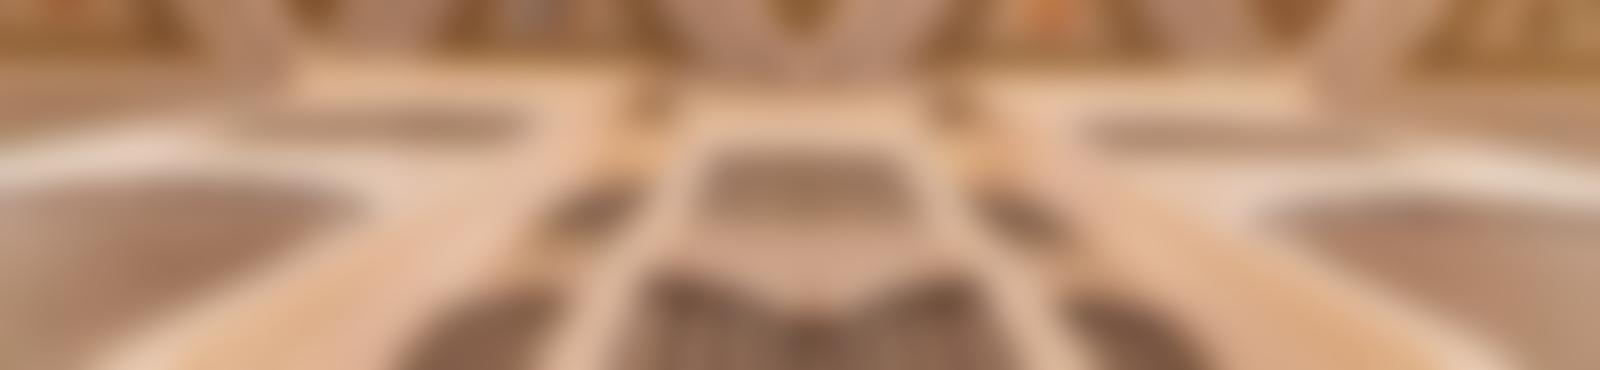 Blurred b95cd5ff 48c8 47c4 8026 7120d66b2a8b